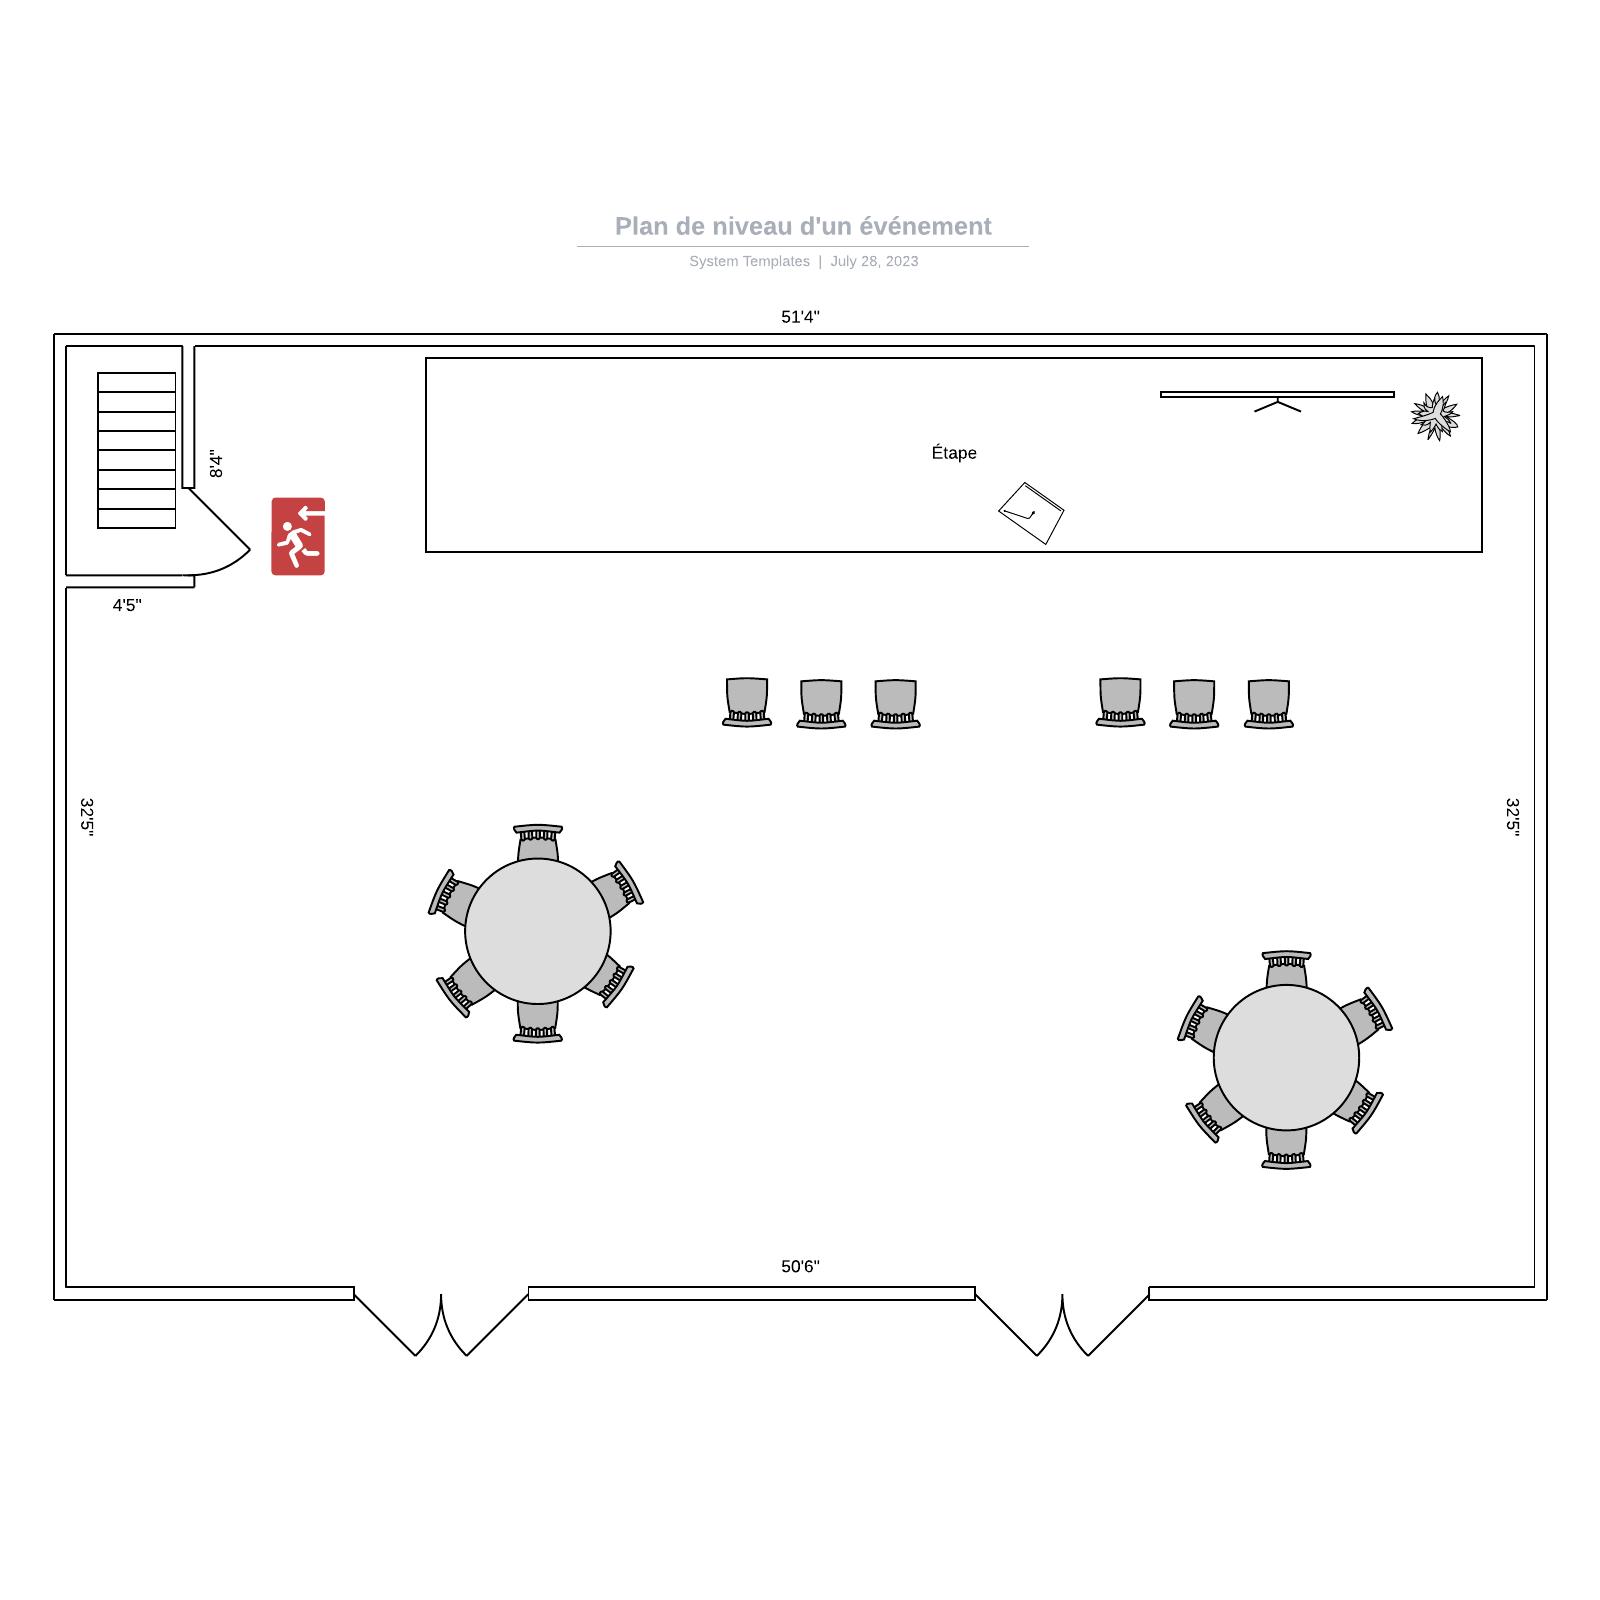 exemple de plan de niveau d'un événement 1